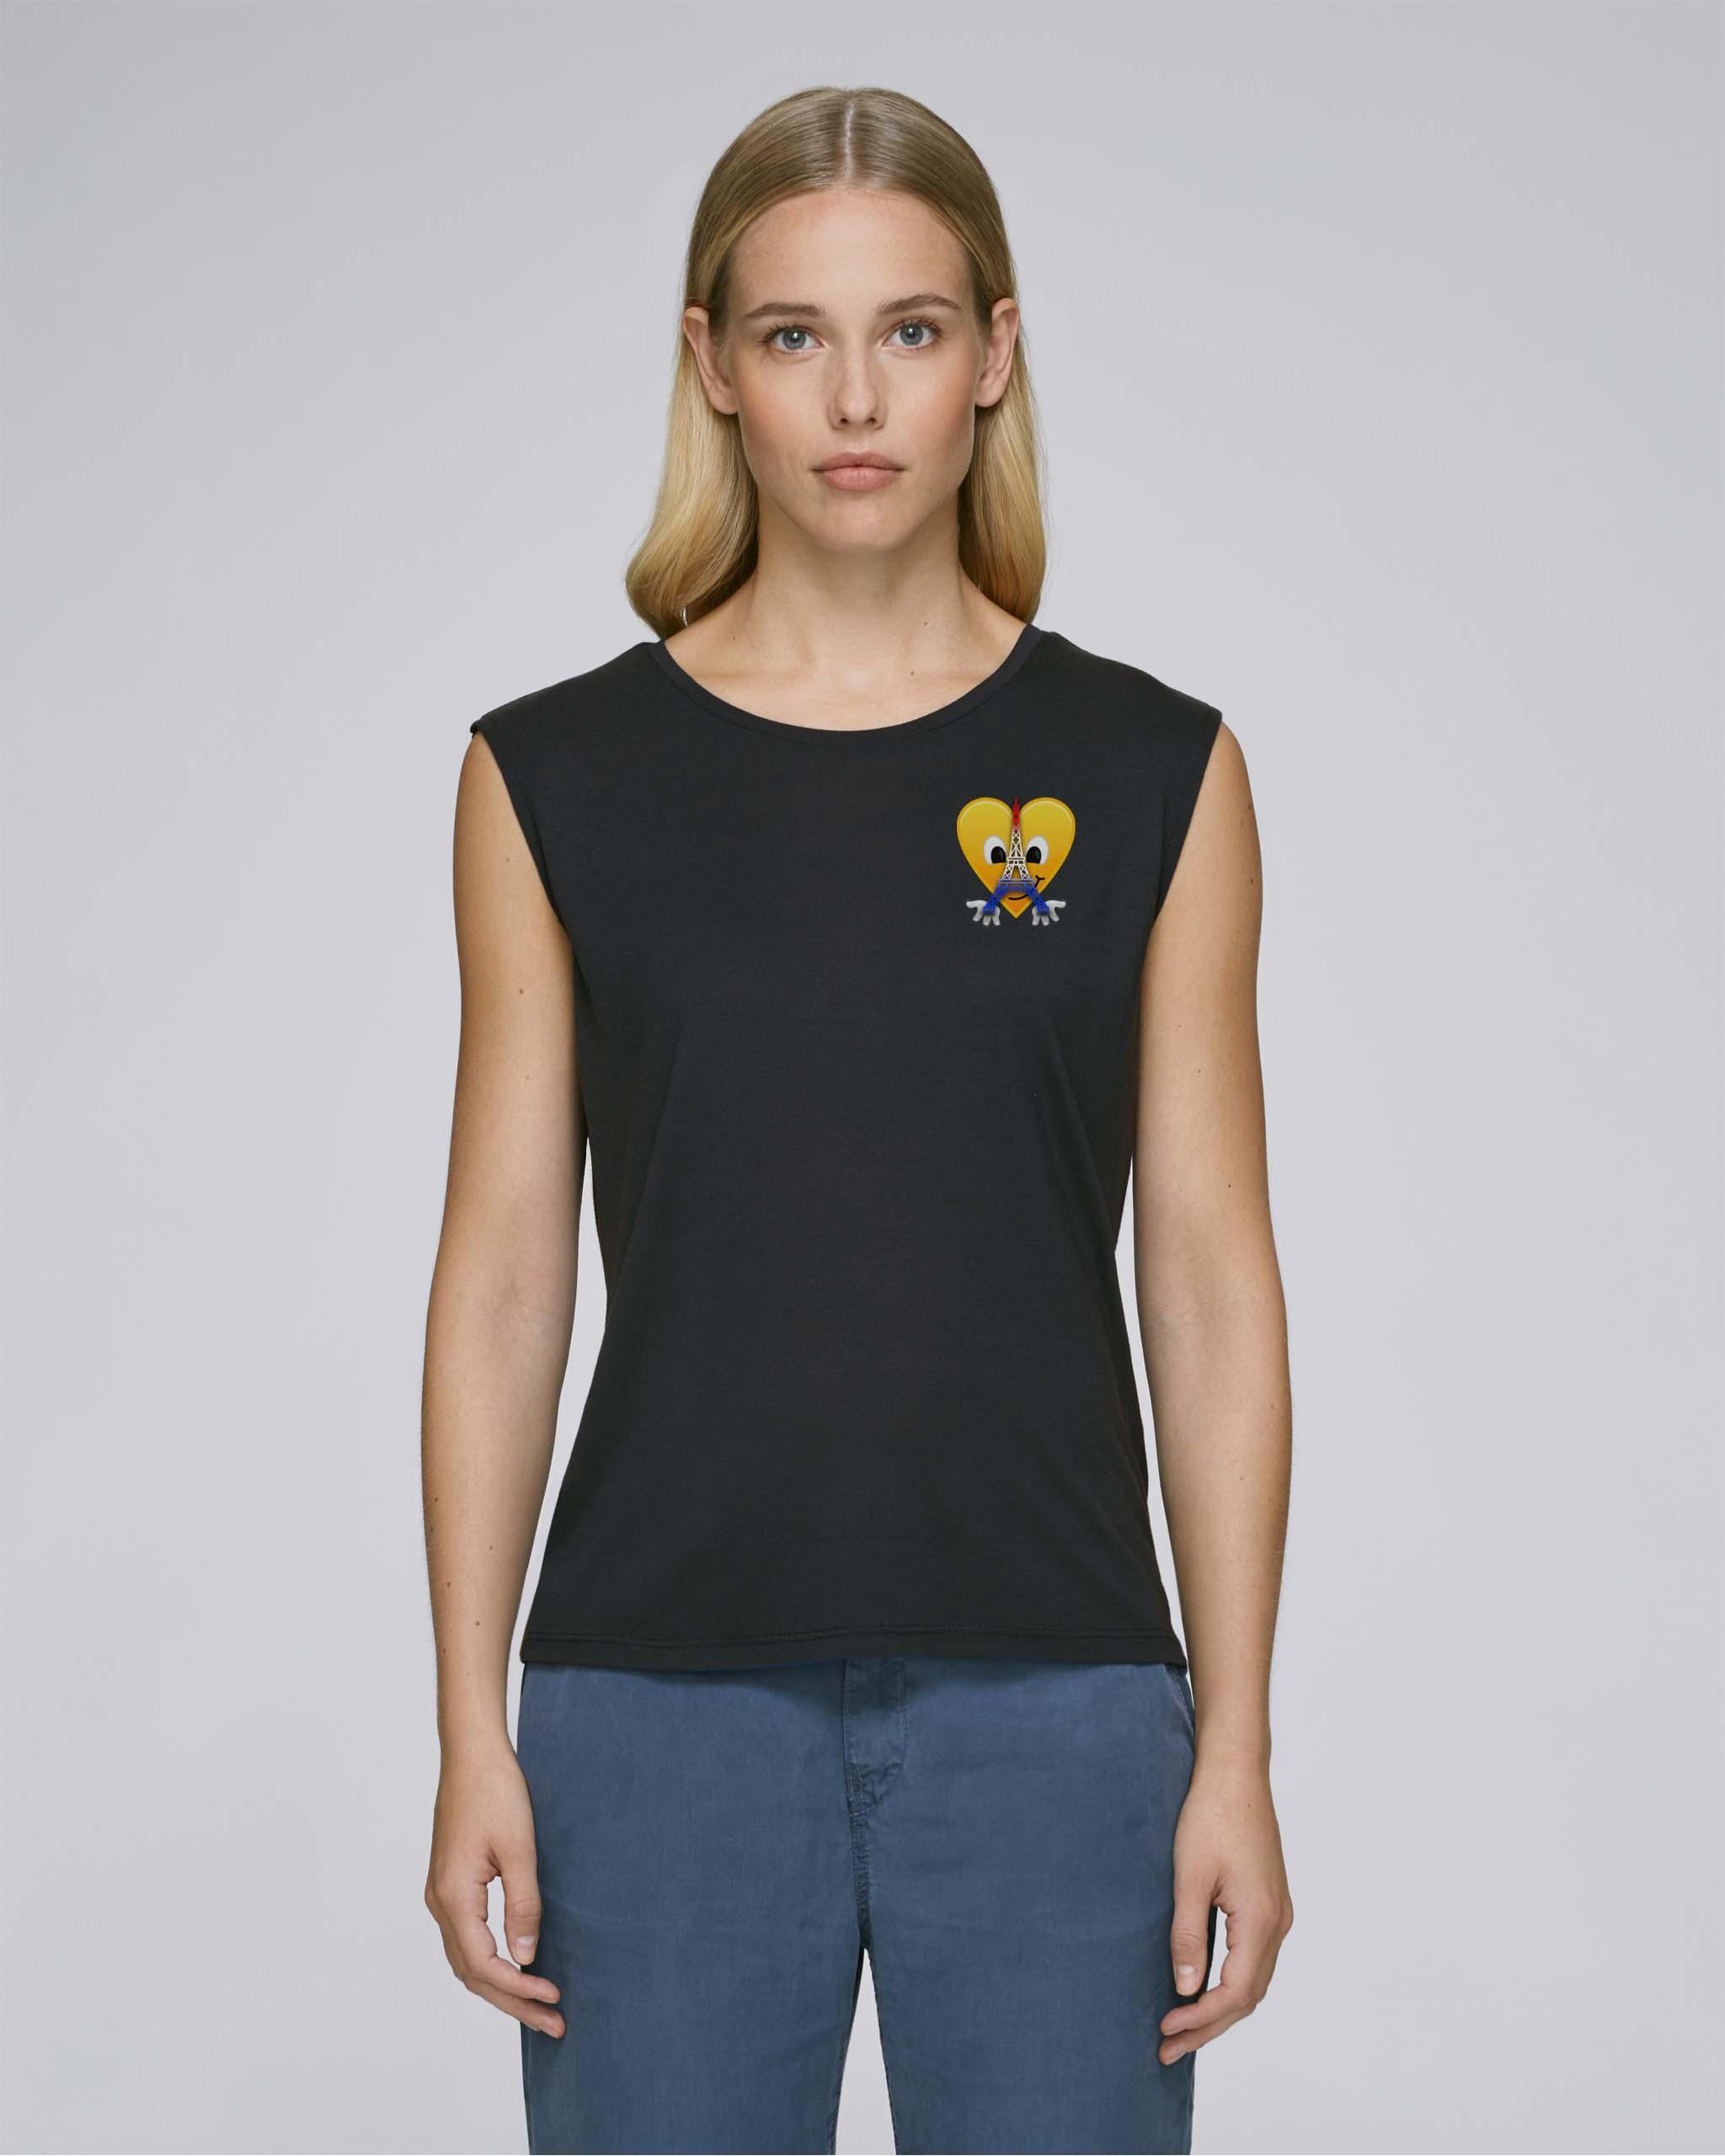 T-Shirt Bio noir Femme – Eiffel tee